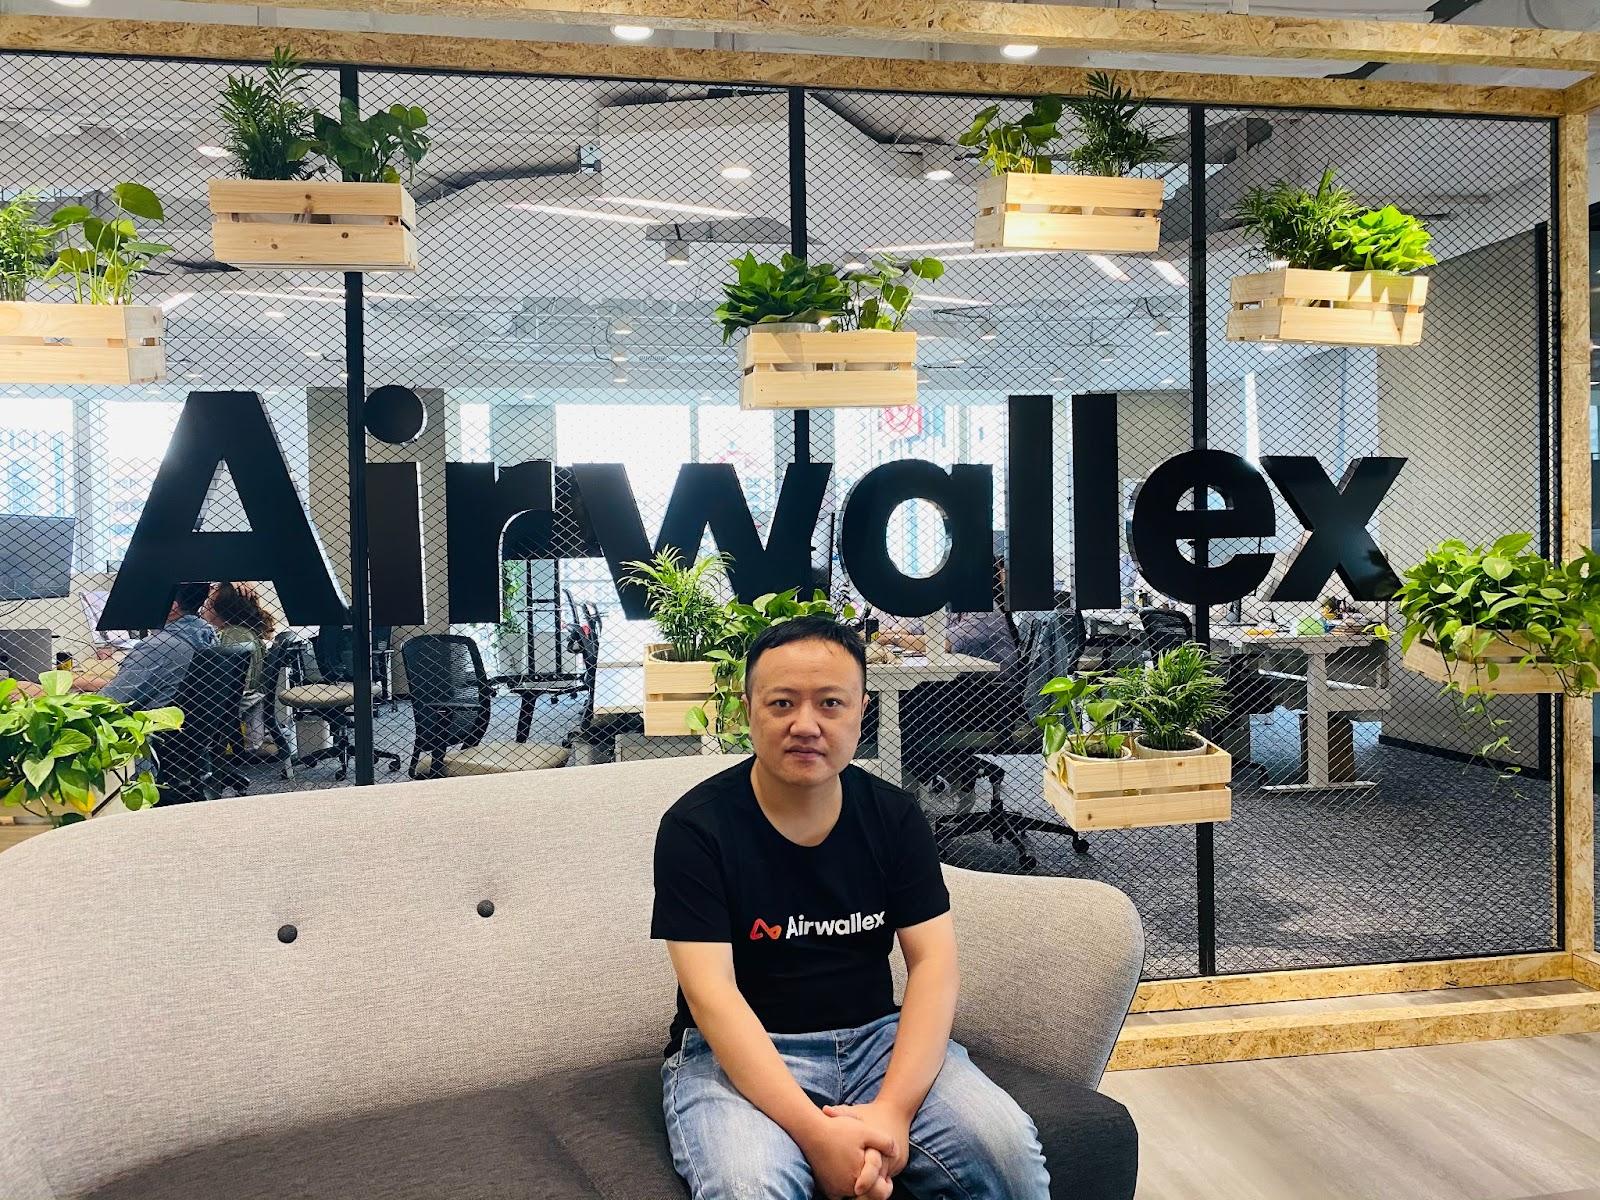 Airwallex LiYang